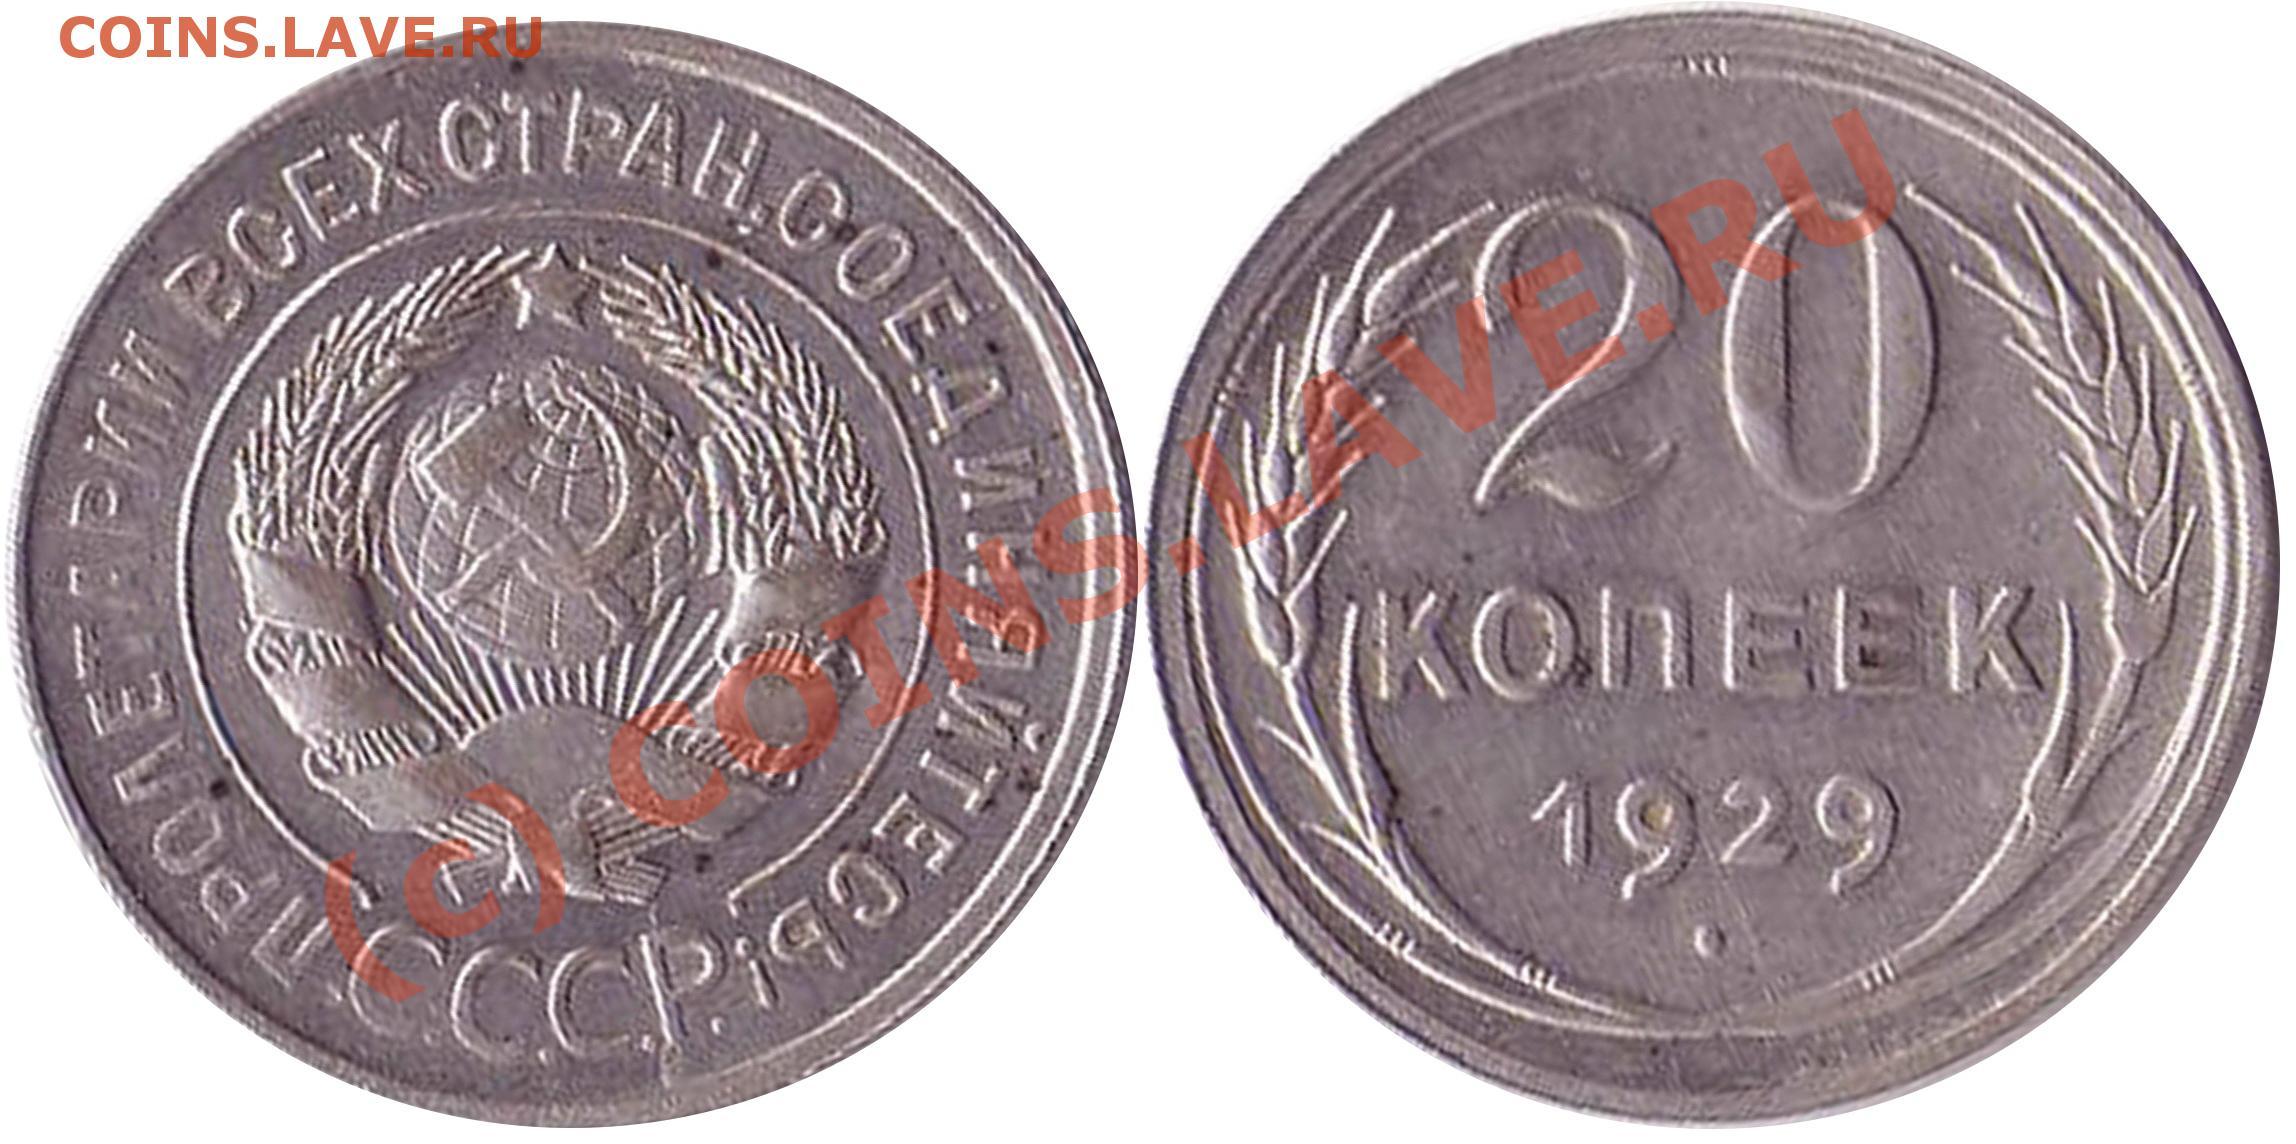 20 коп 1980 года цена 2 рубля 2007 года стоимость ммд цена